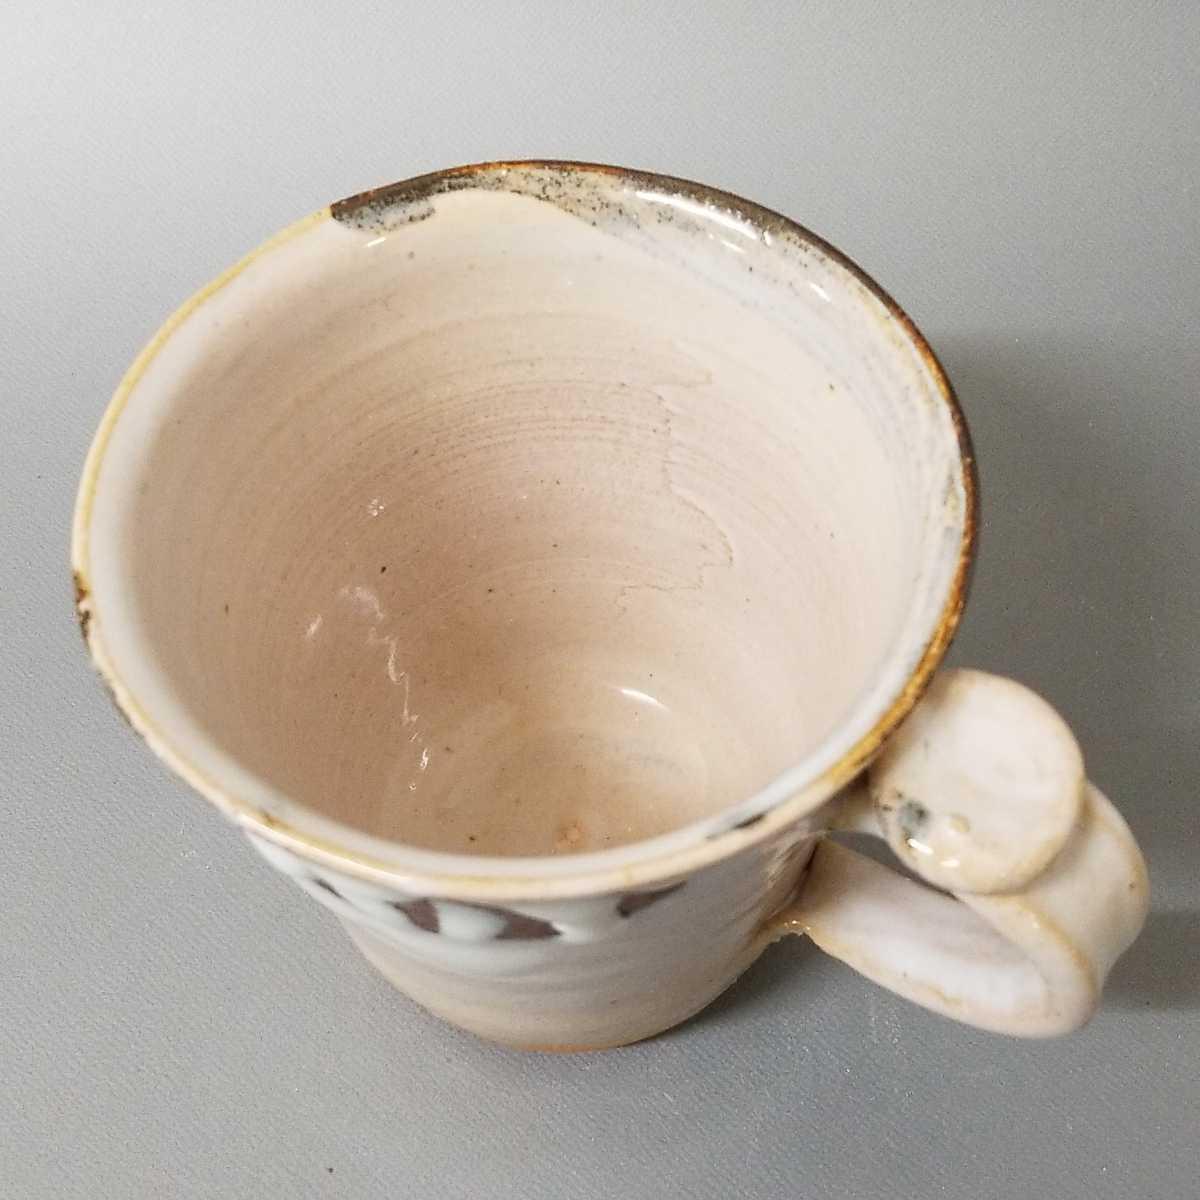 富09)萩焼 渋谷泥詩 白萩マグカップ 珈琲器 茶器 未使用新品 同梱歓迎 _画像5